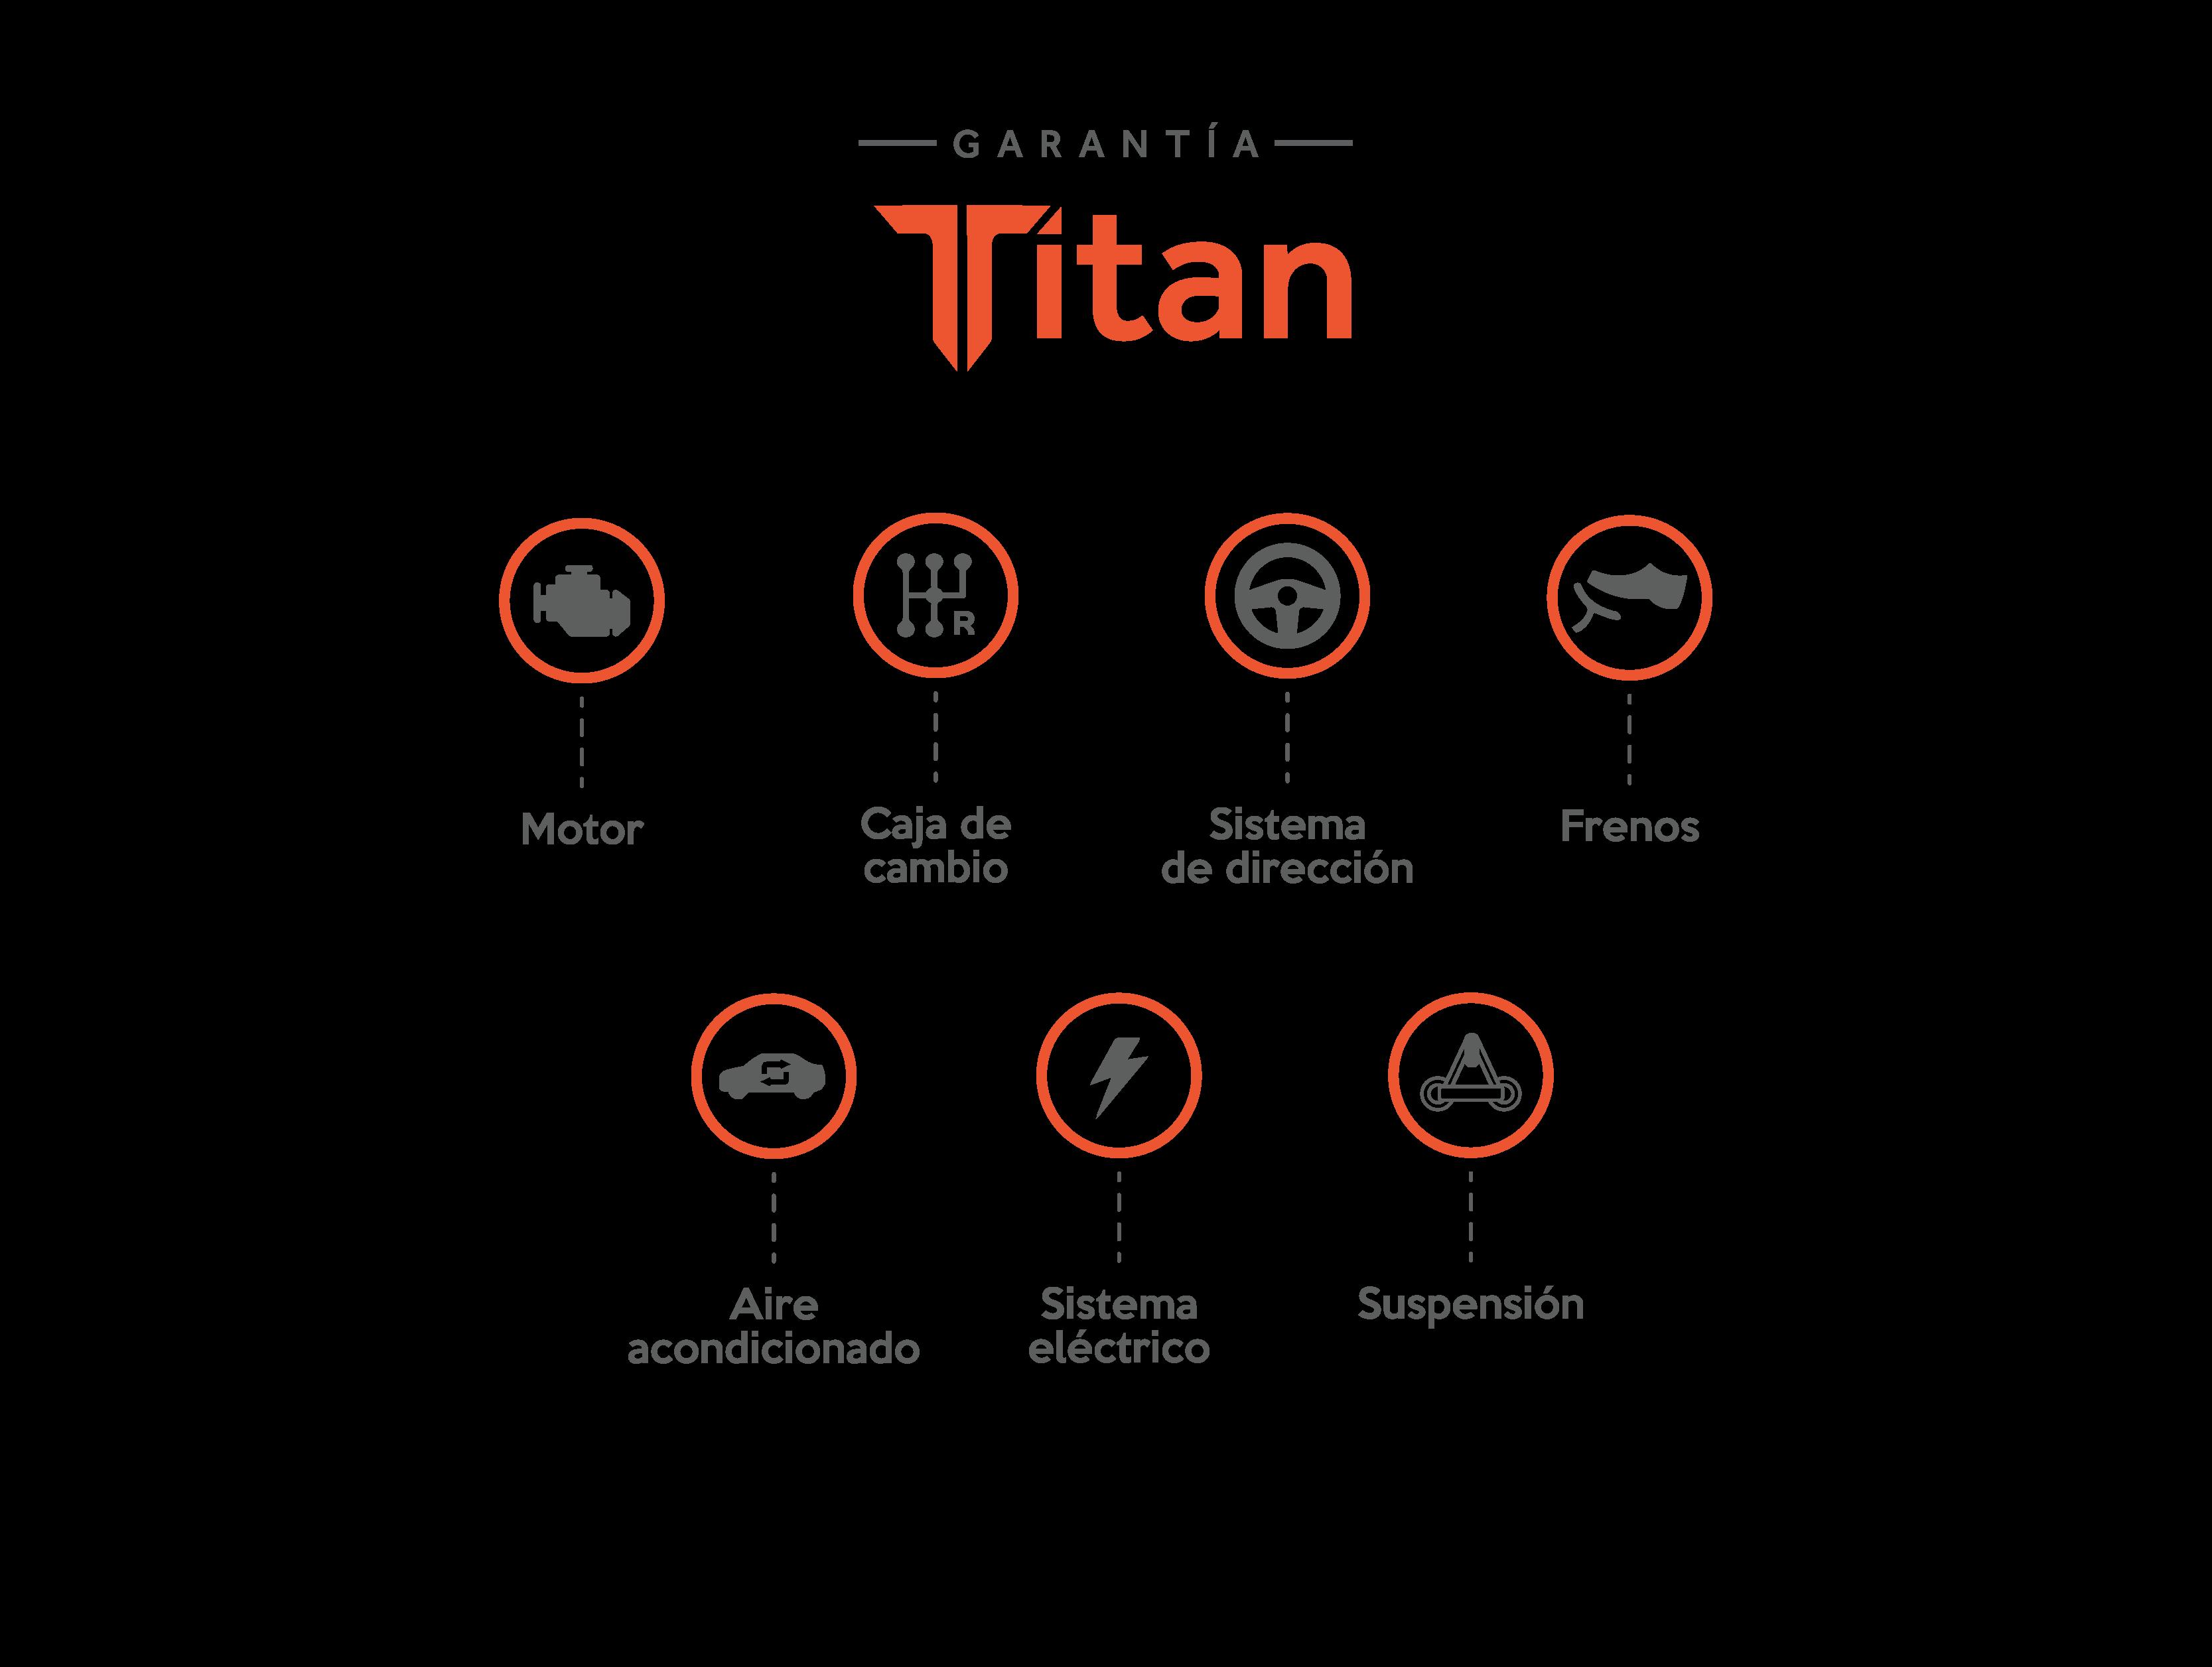 Garantía Titan